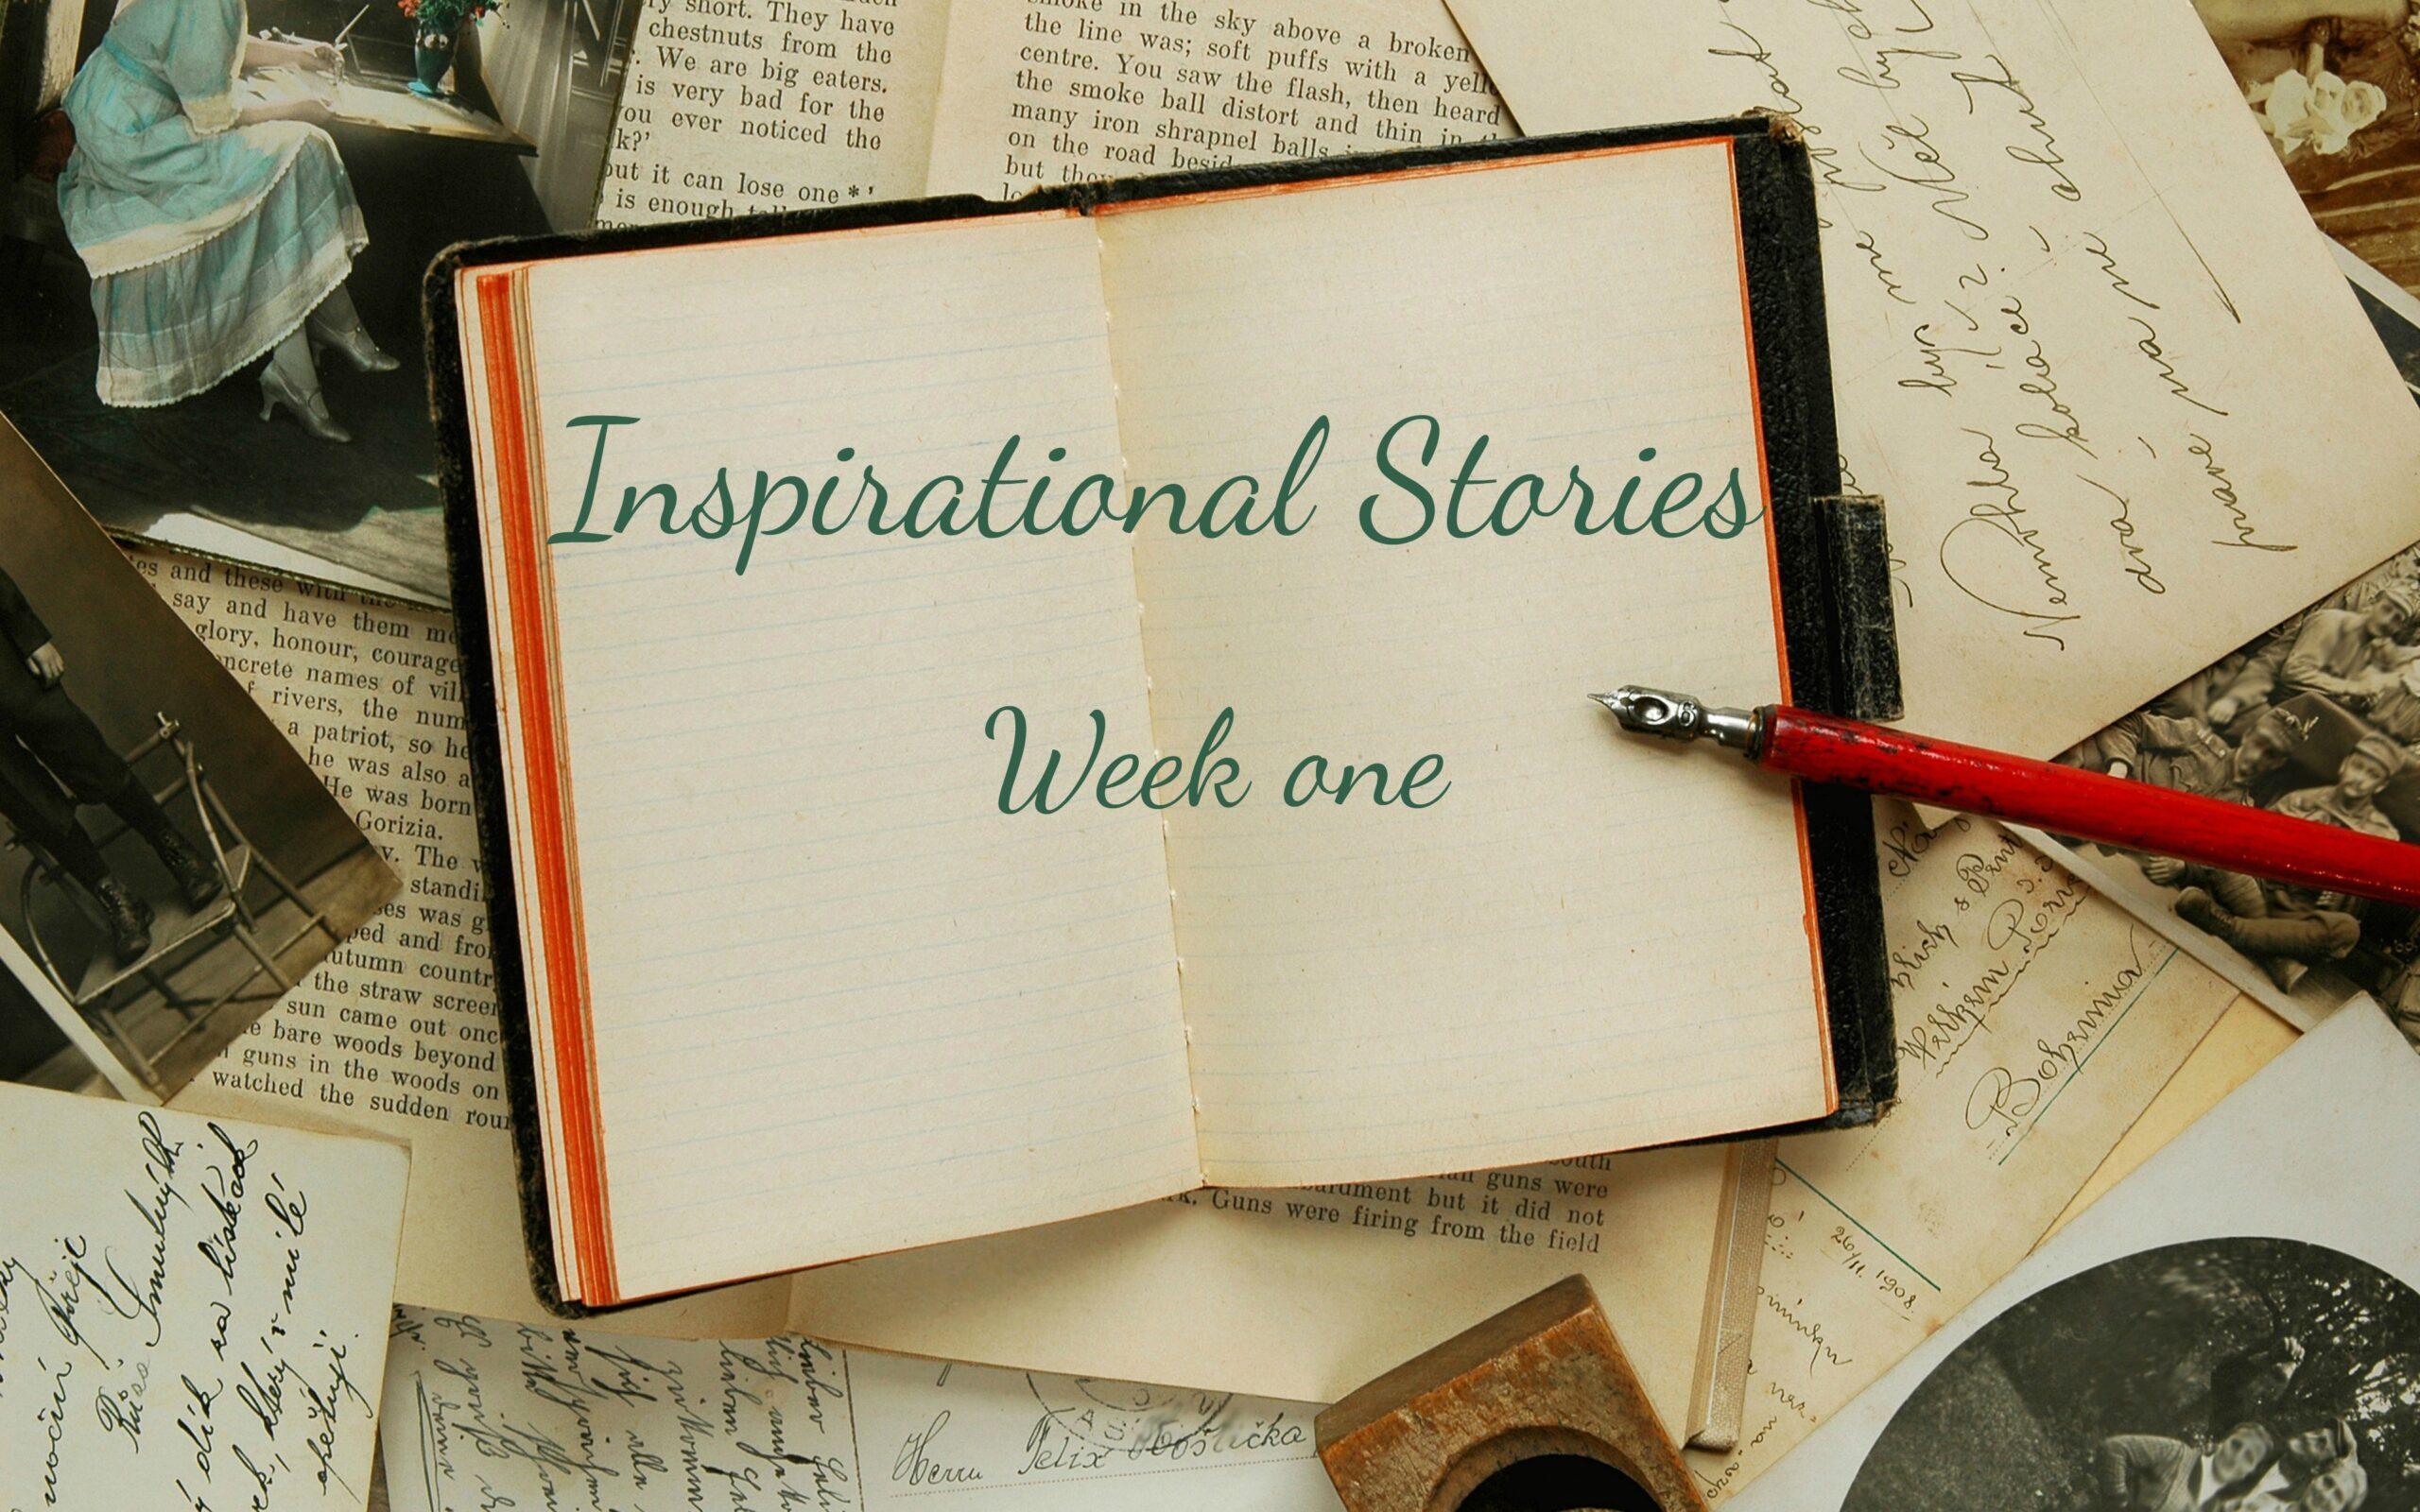 inspirational stories week one written across book